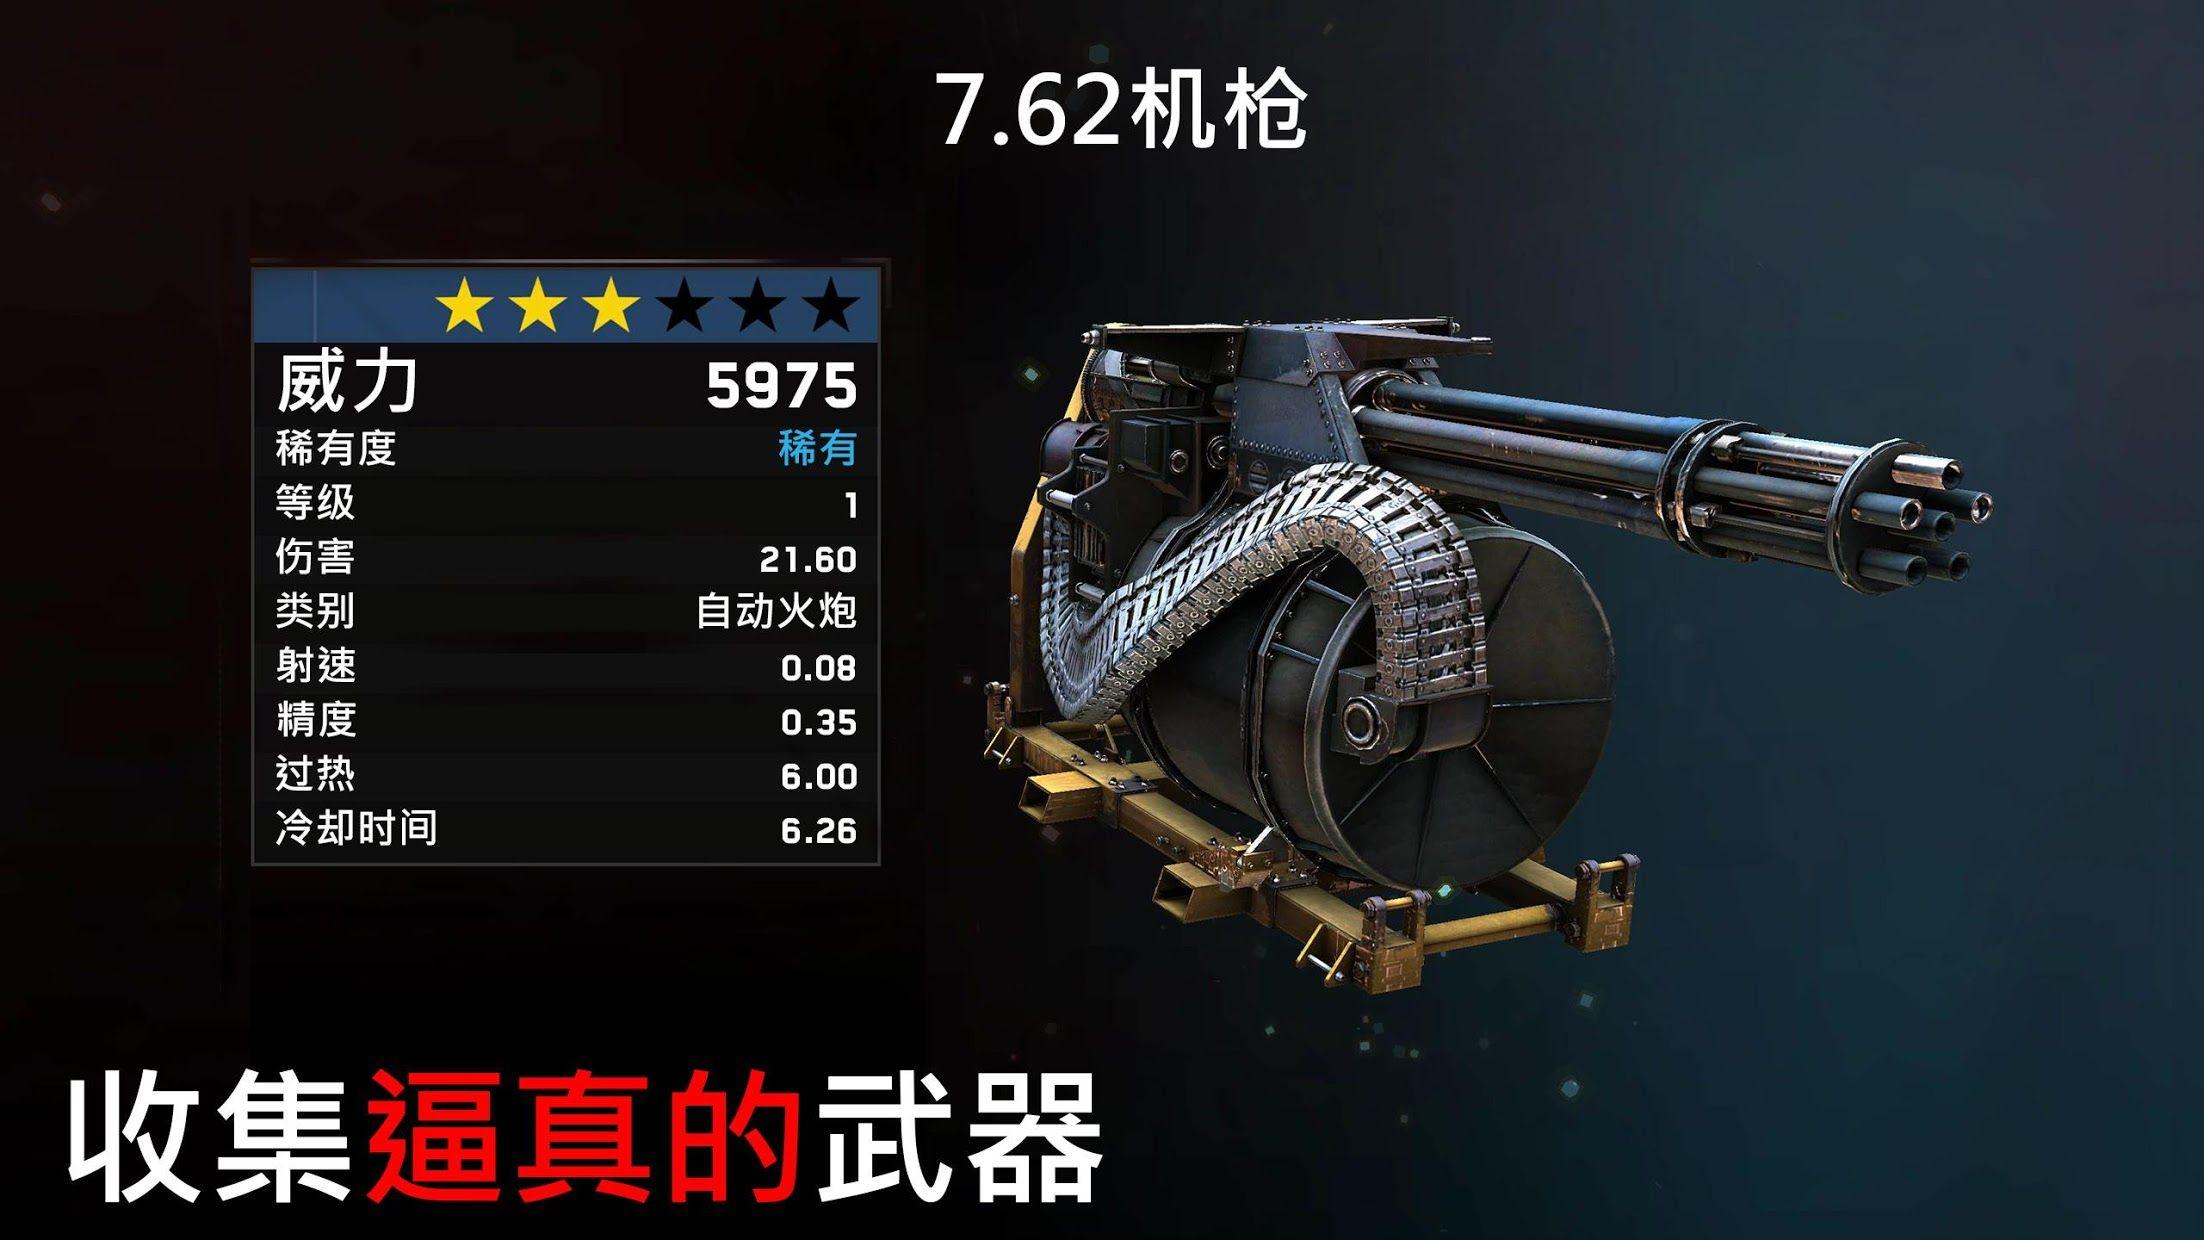 僵尸炮艇:生存 游戏截图2